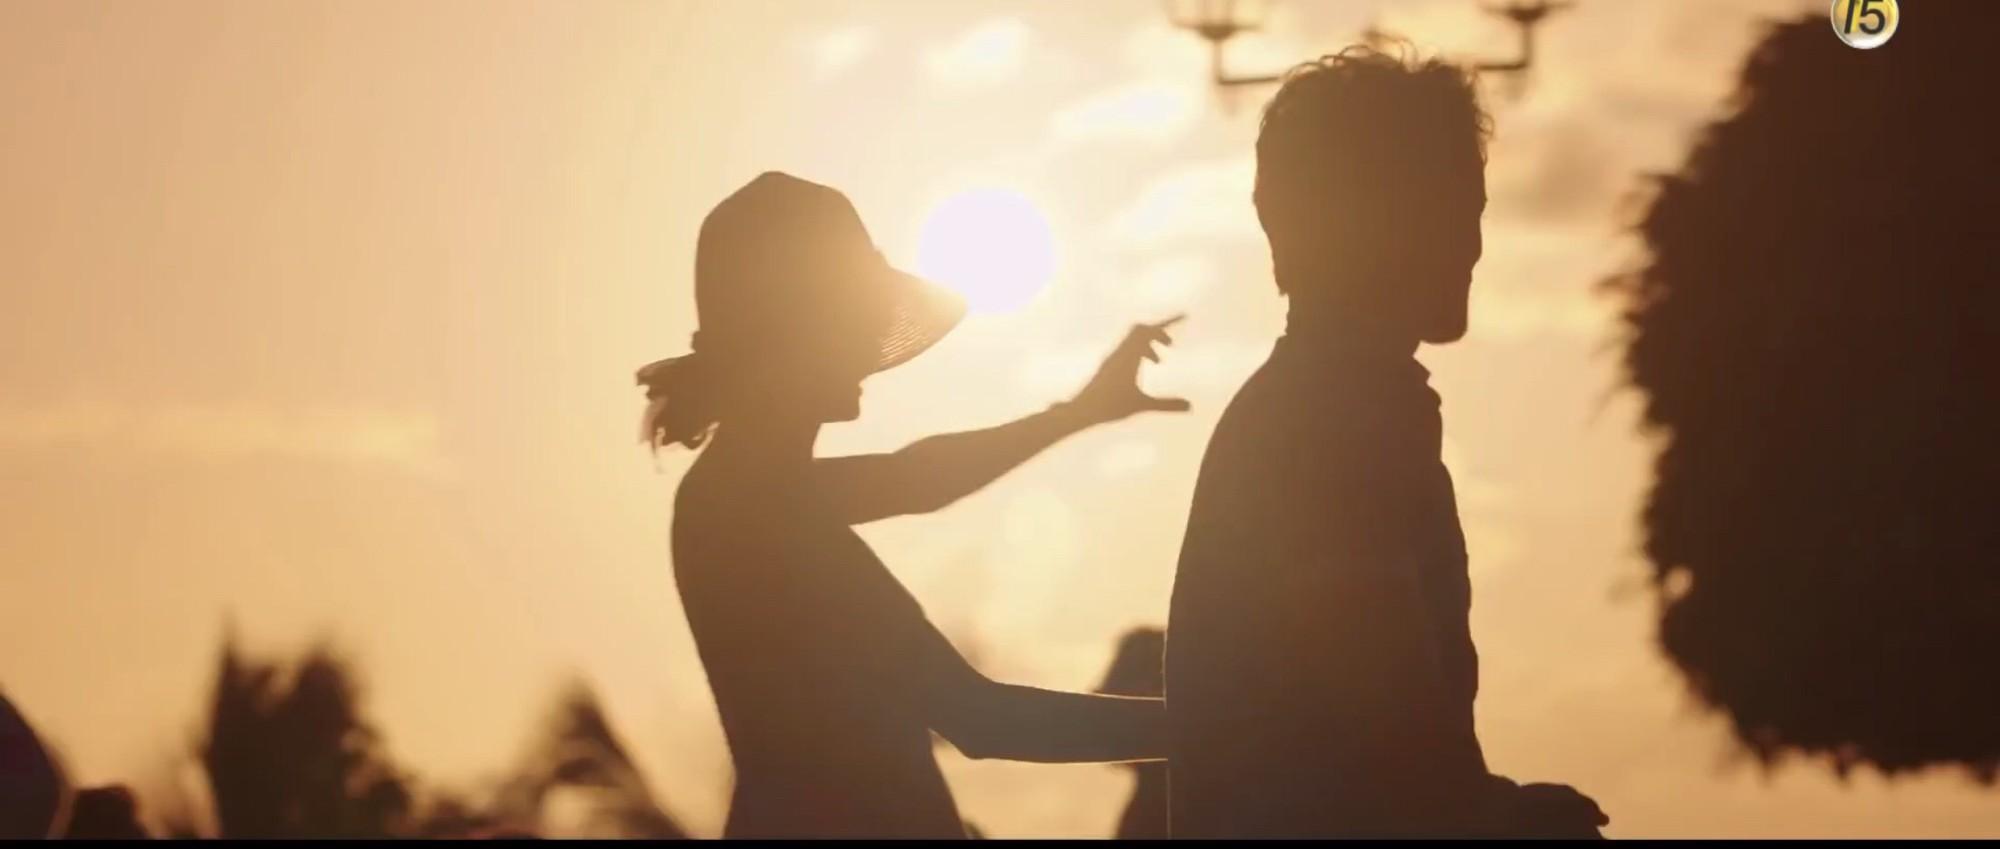 Song Hye Kyo và Park Bo Gum trong teaser mới nhất của Encounter: Một lần tương ngộ, nghìn ngày khó quên - Ảnh 18.